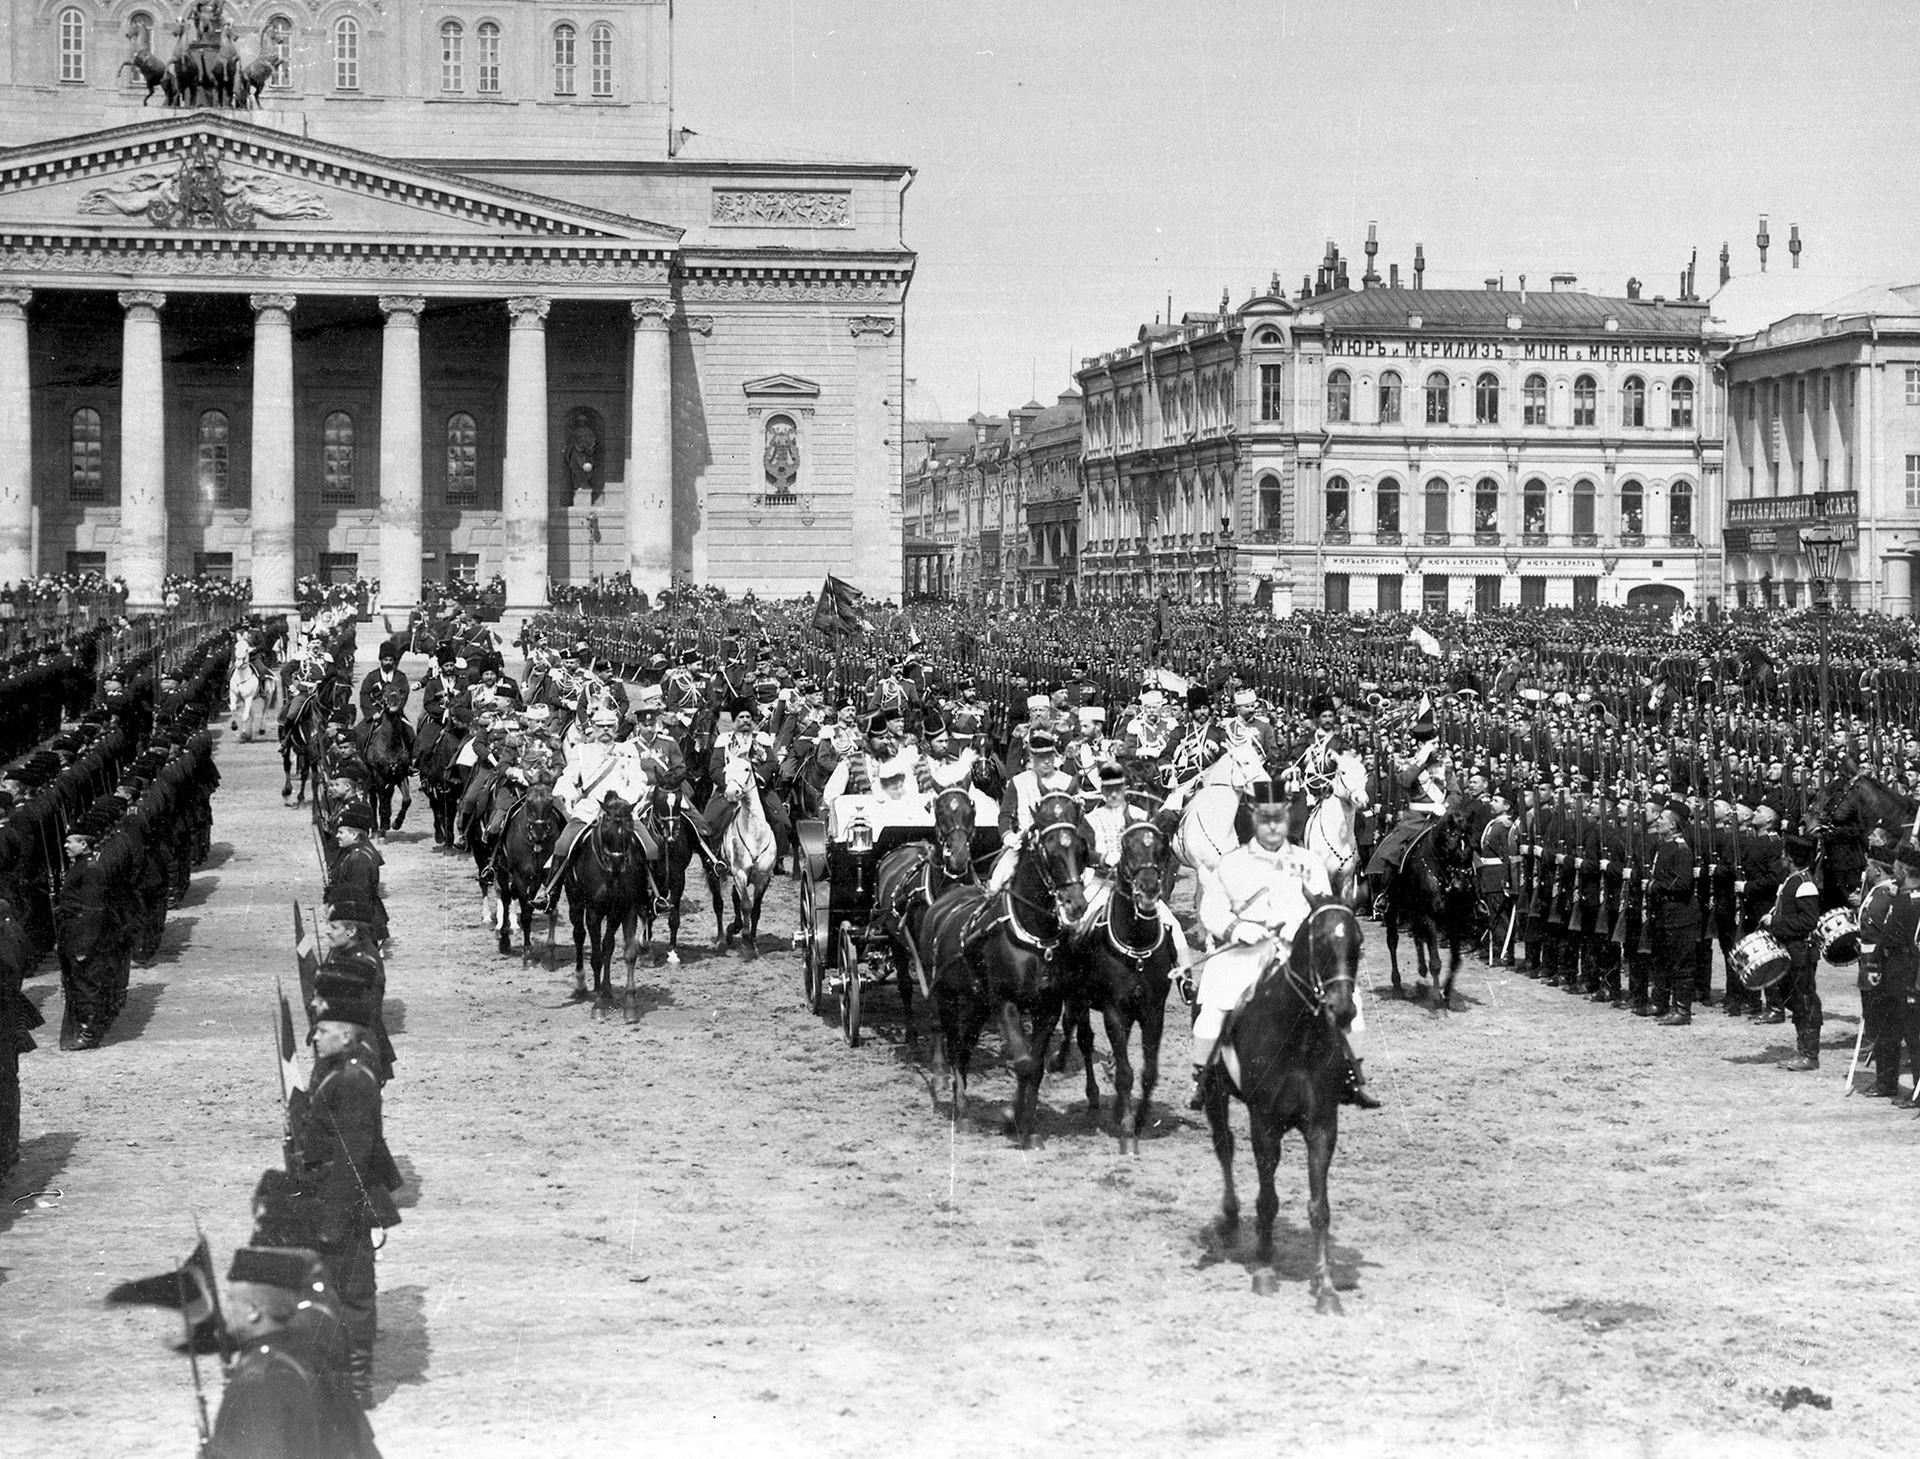 Desfile de la guarnición militar de Moscú. Moscú, 1903.